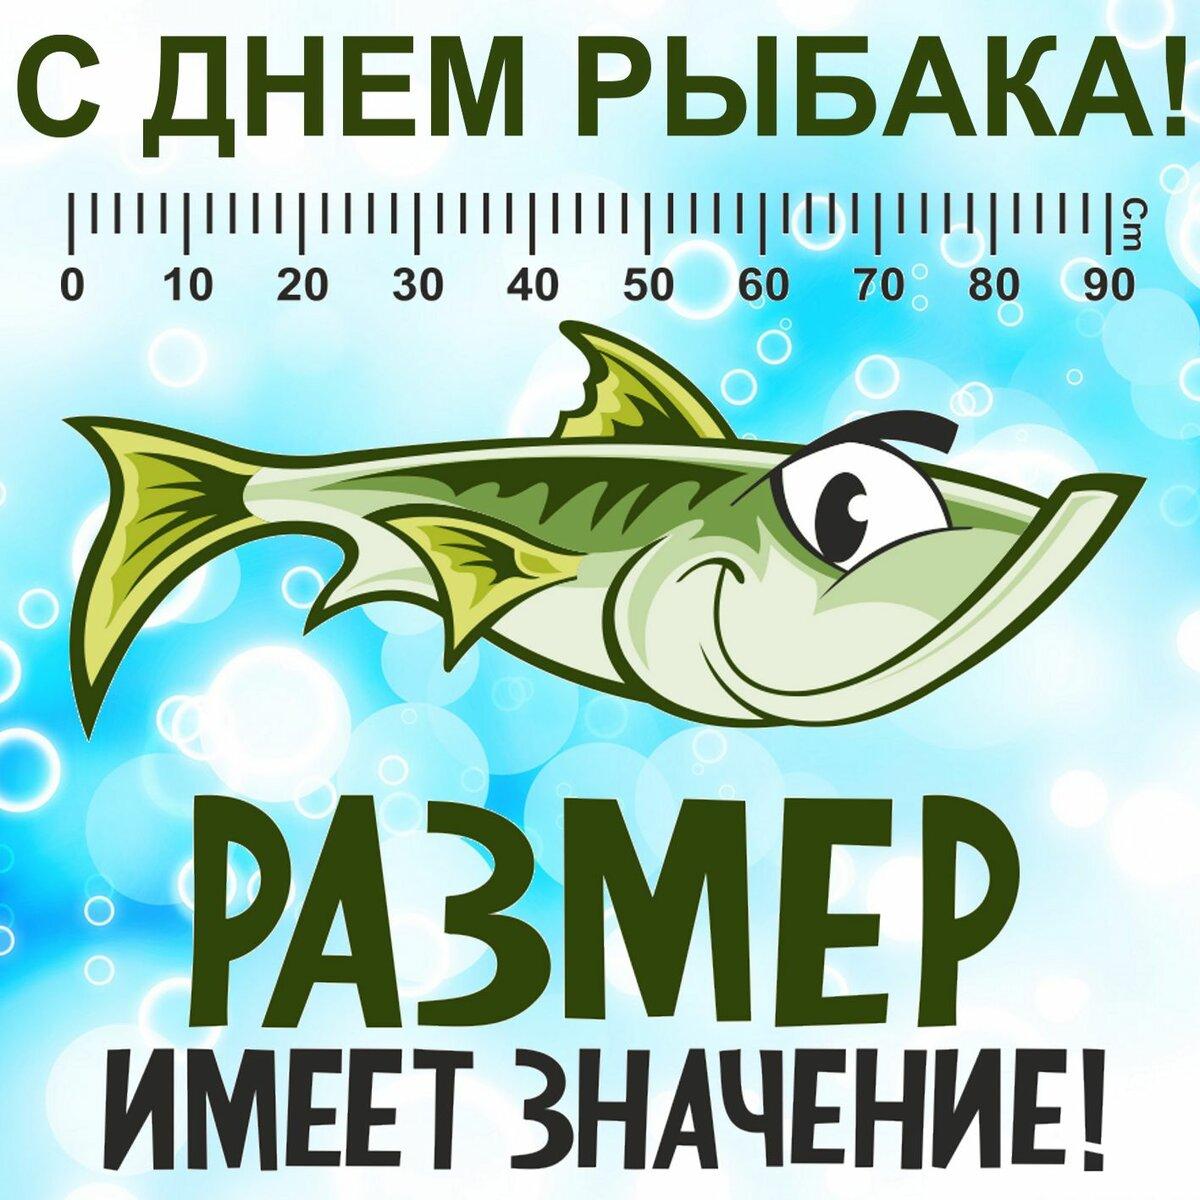 Прикольные поздравления с днем рыболова кошек